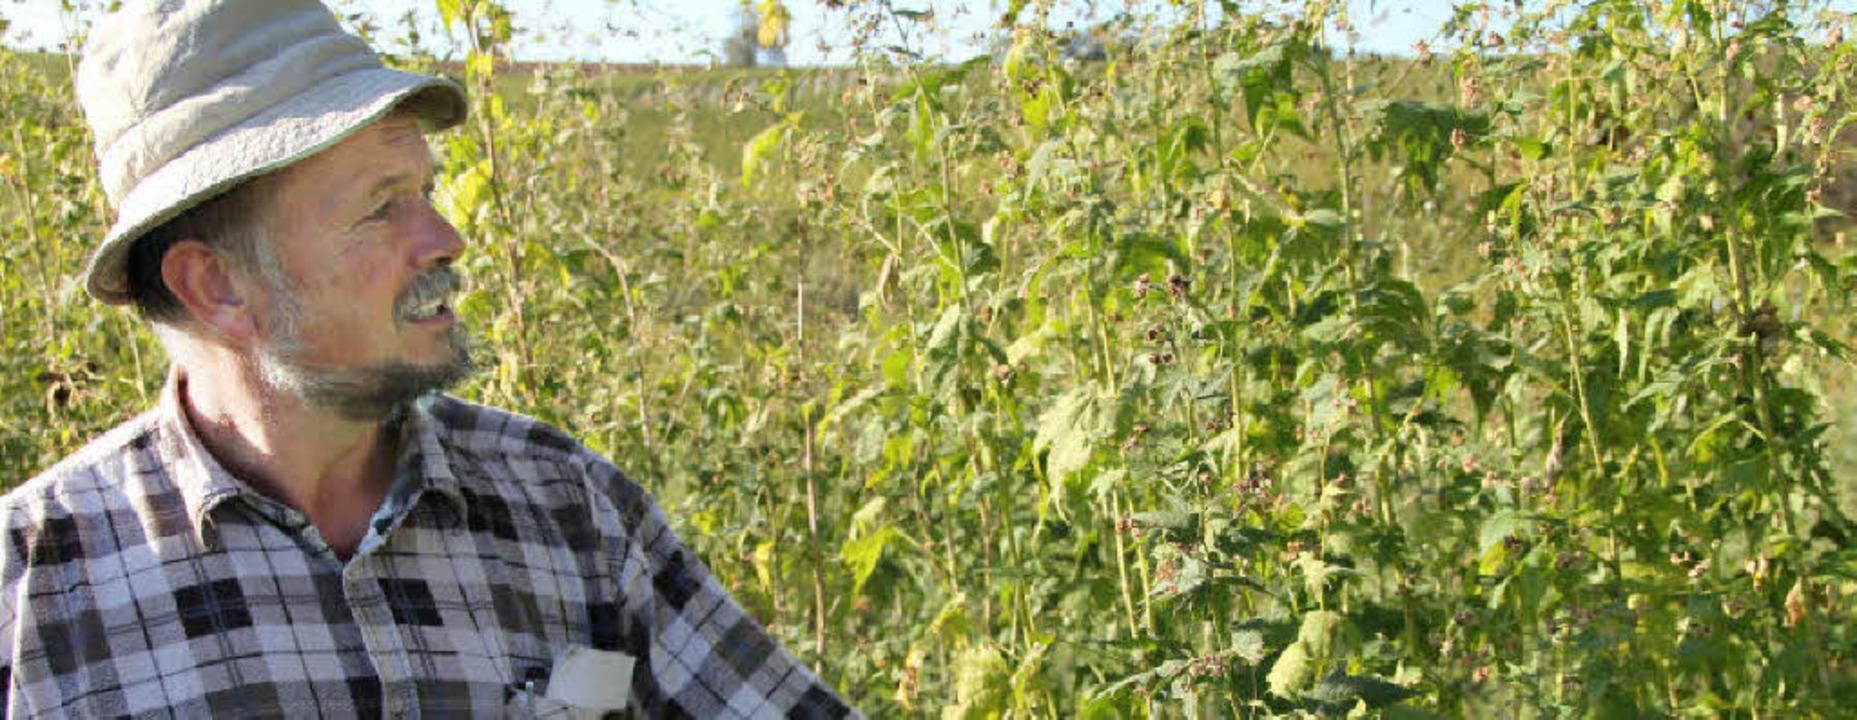 Peter Kaltenbach ist mit der Entwicklu...üten. Eine Honigweide für die Bienen.   | Foto: sabine model